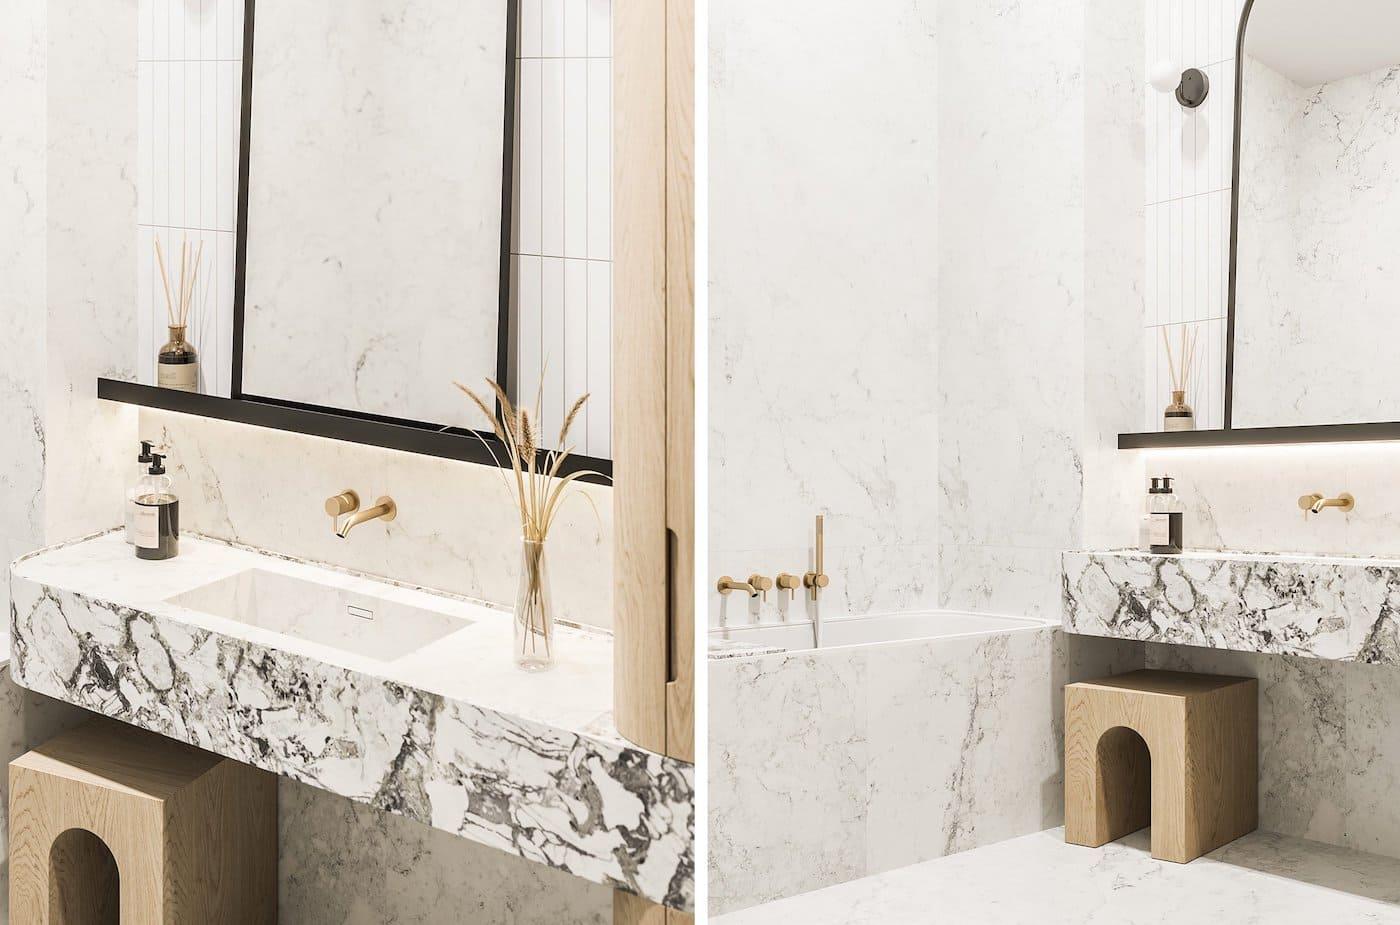 дизайн интерьера ванной комнаты фото 53